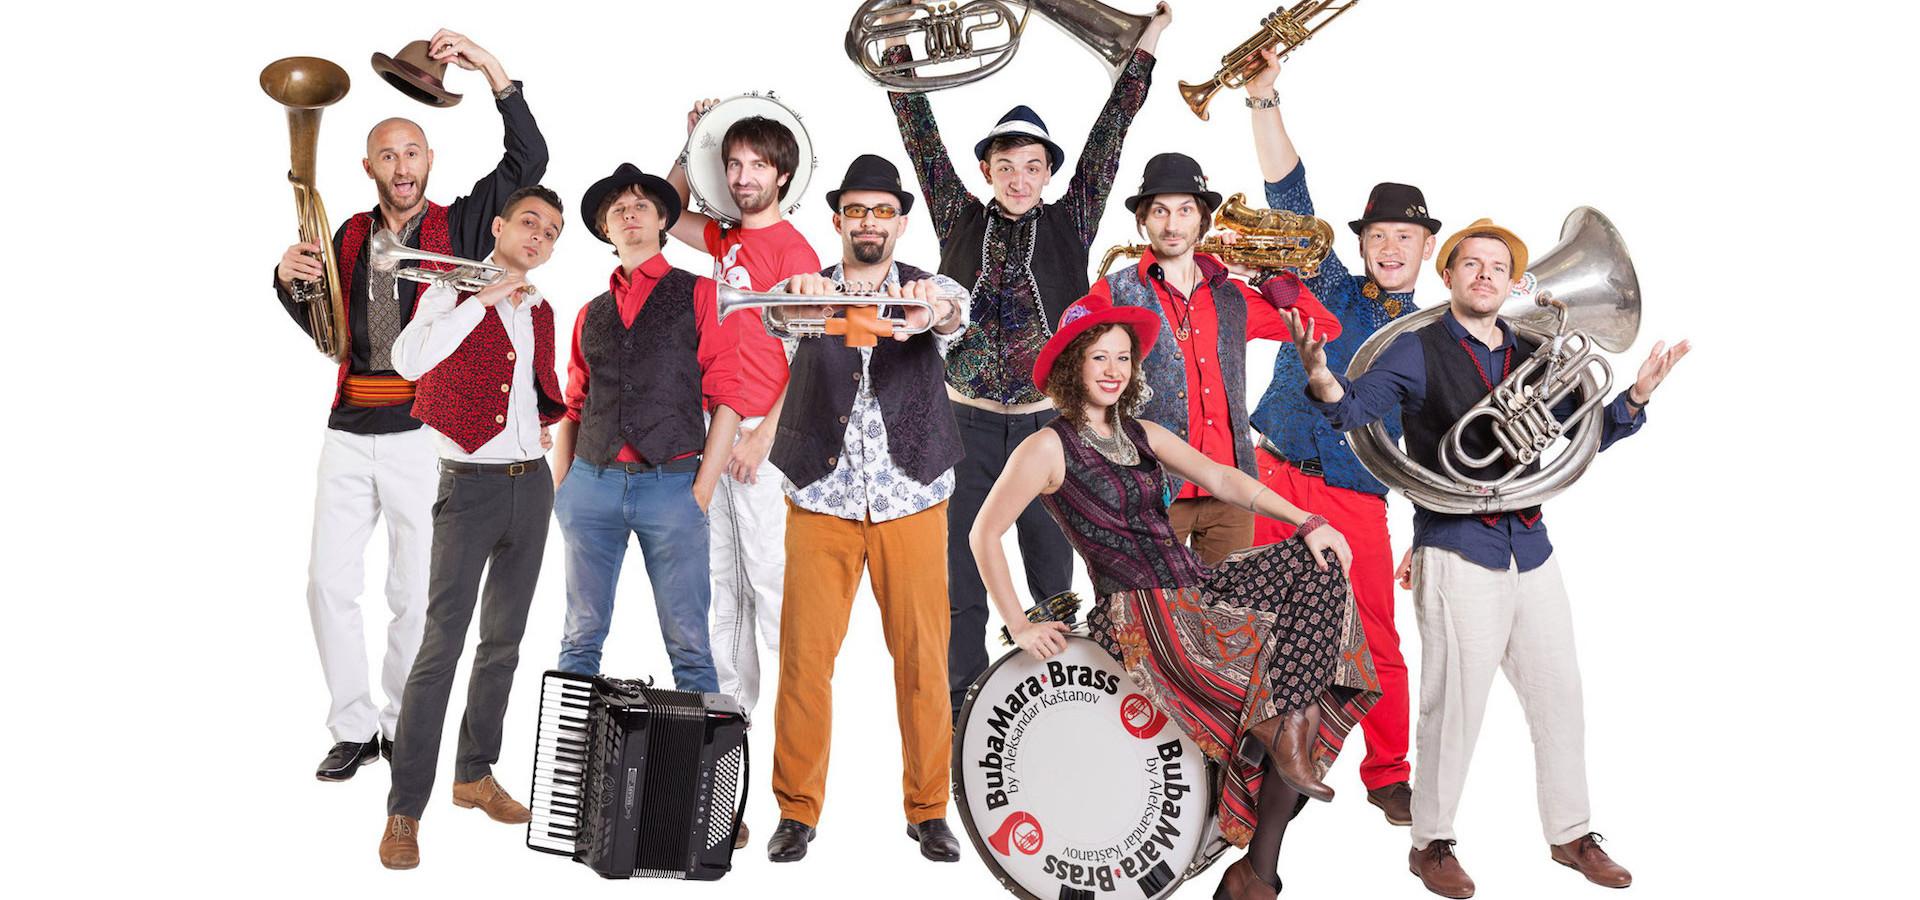 Bubamara Brass Band. Балканские танцы. Концерт в оранжерее фото